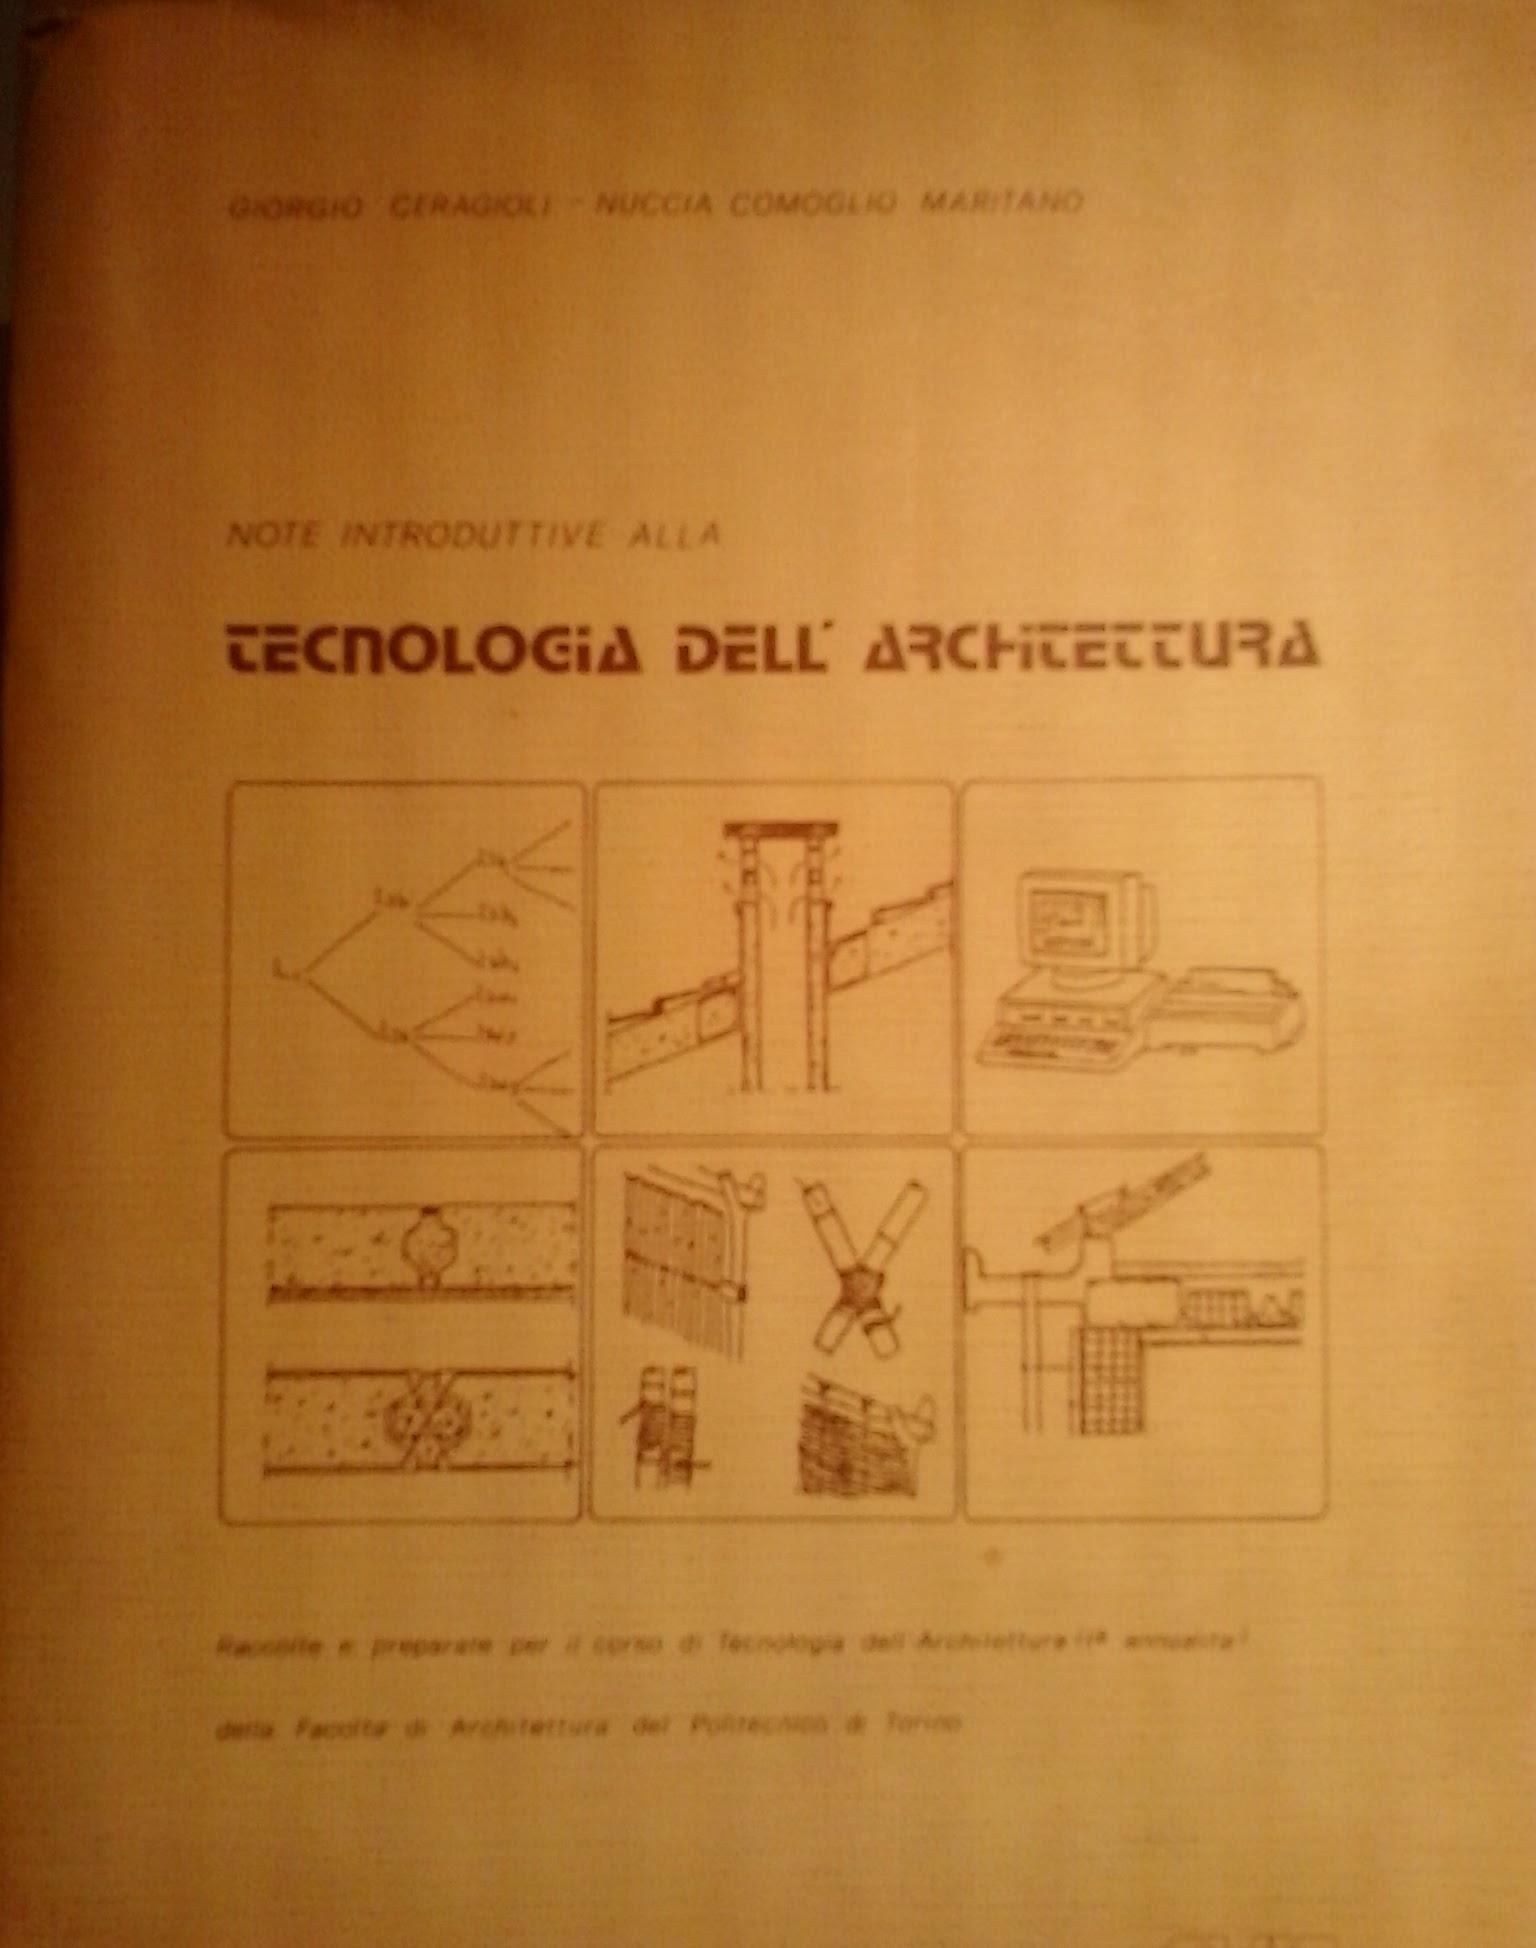 Note introduttive alla tecnologia dell'architettura